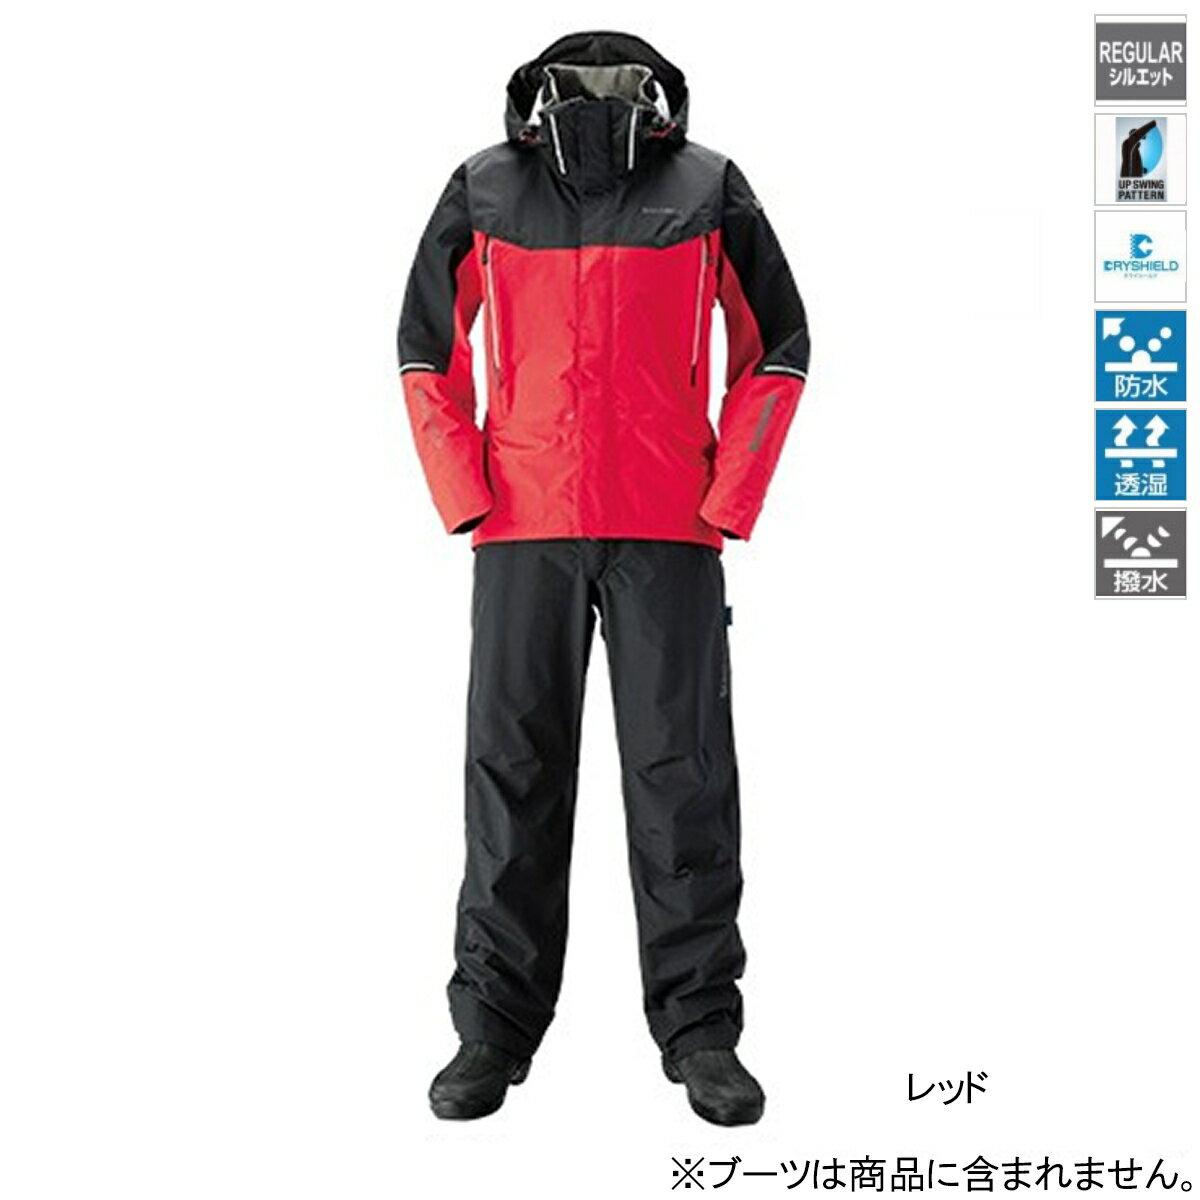 シマノ DSアドバンススーツ RA-025S XL レッド【送料無料】